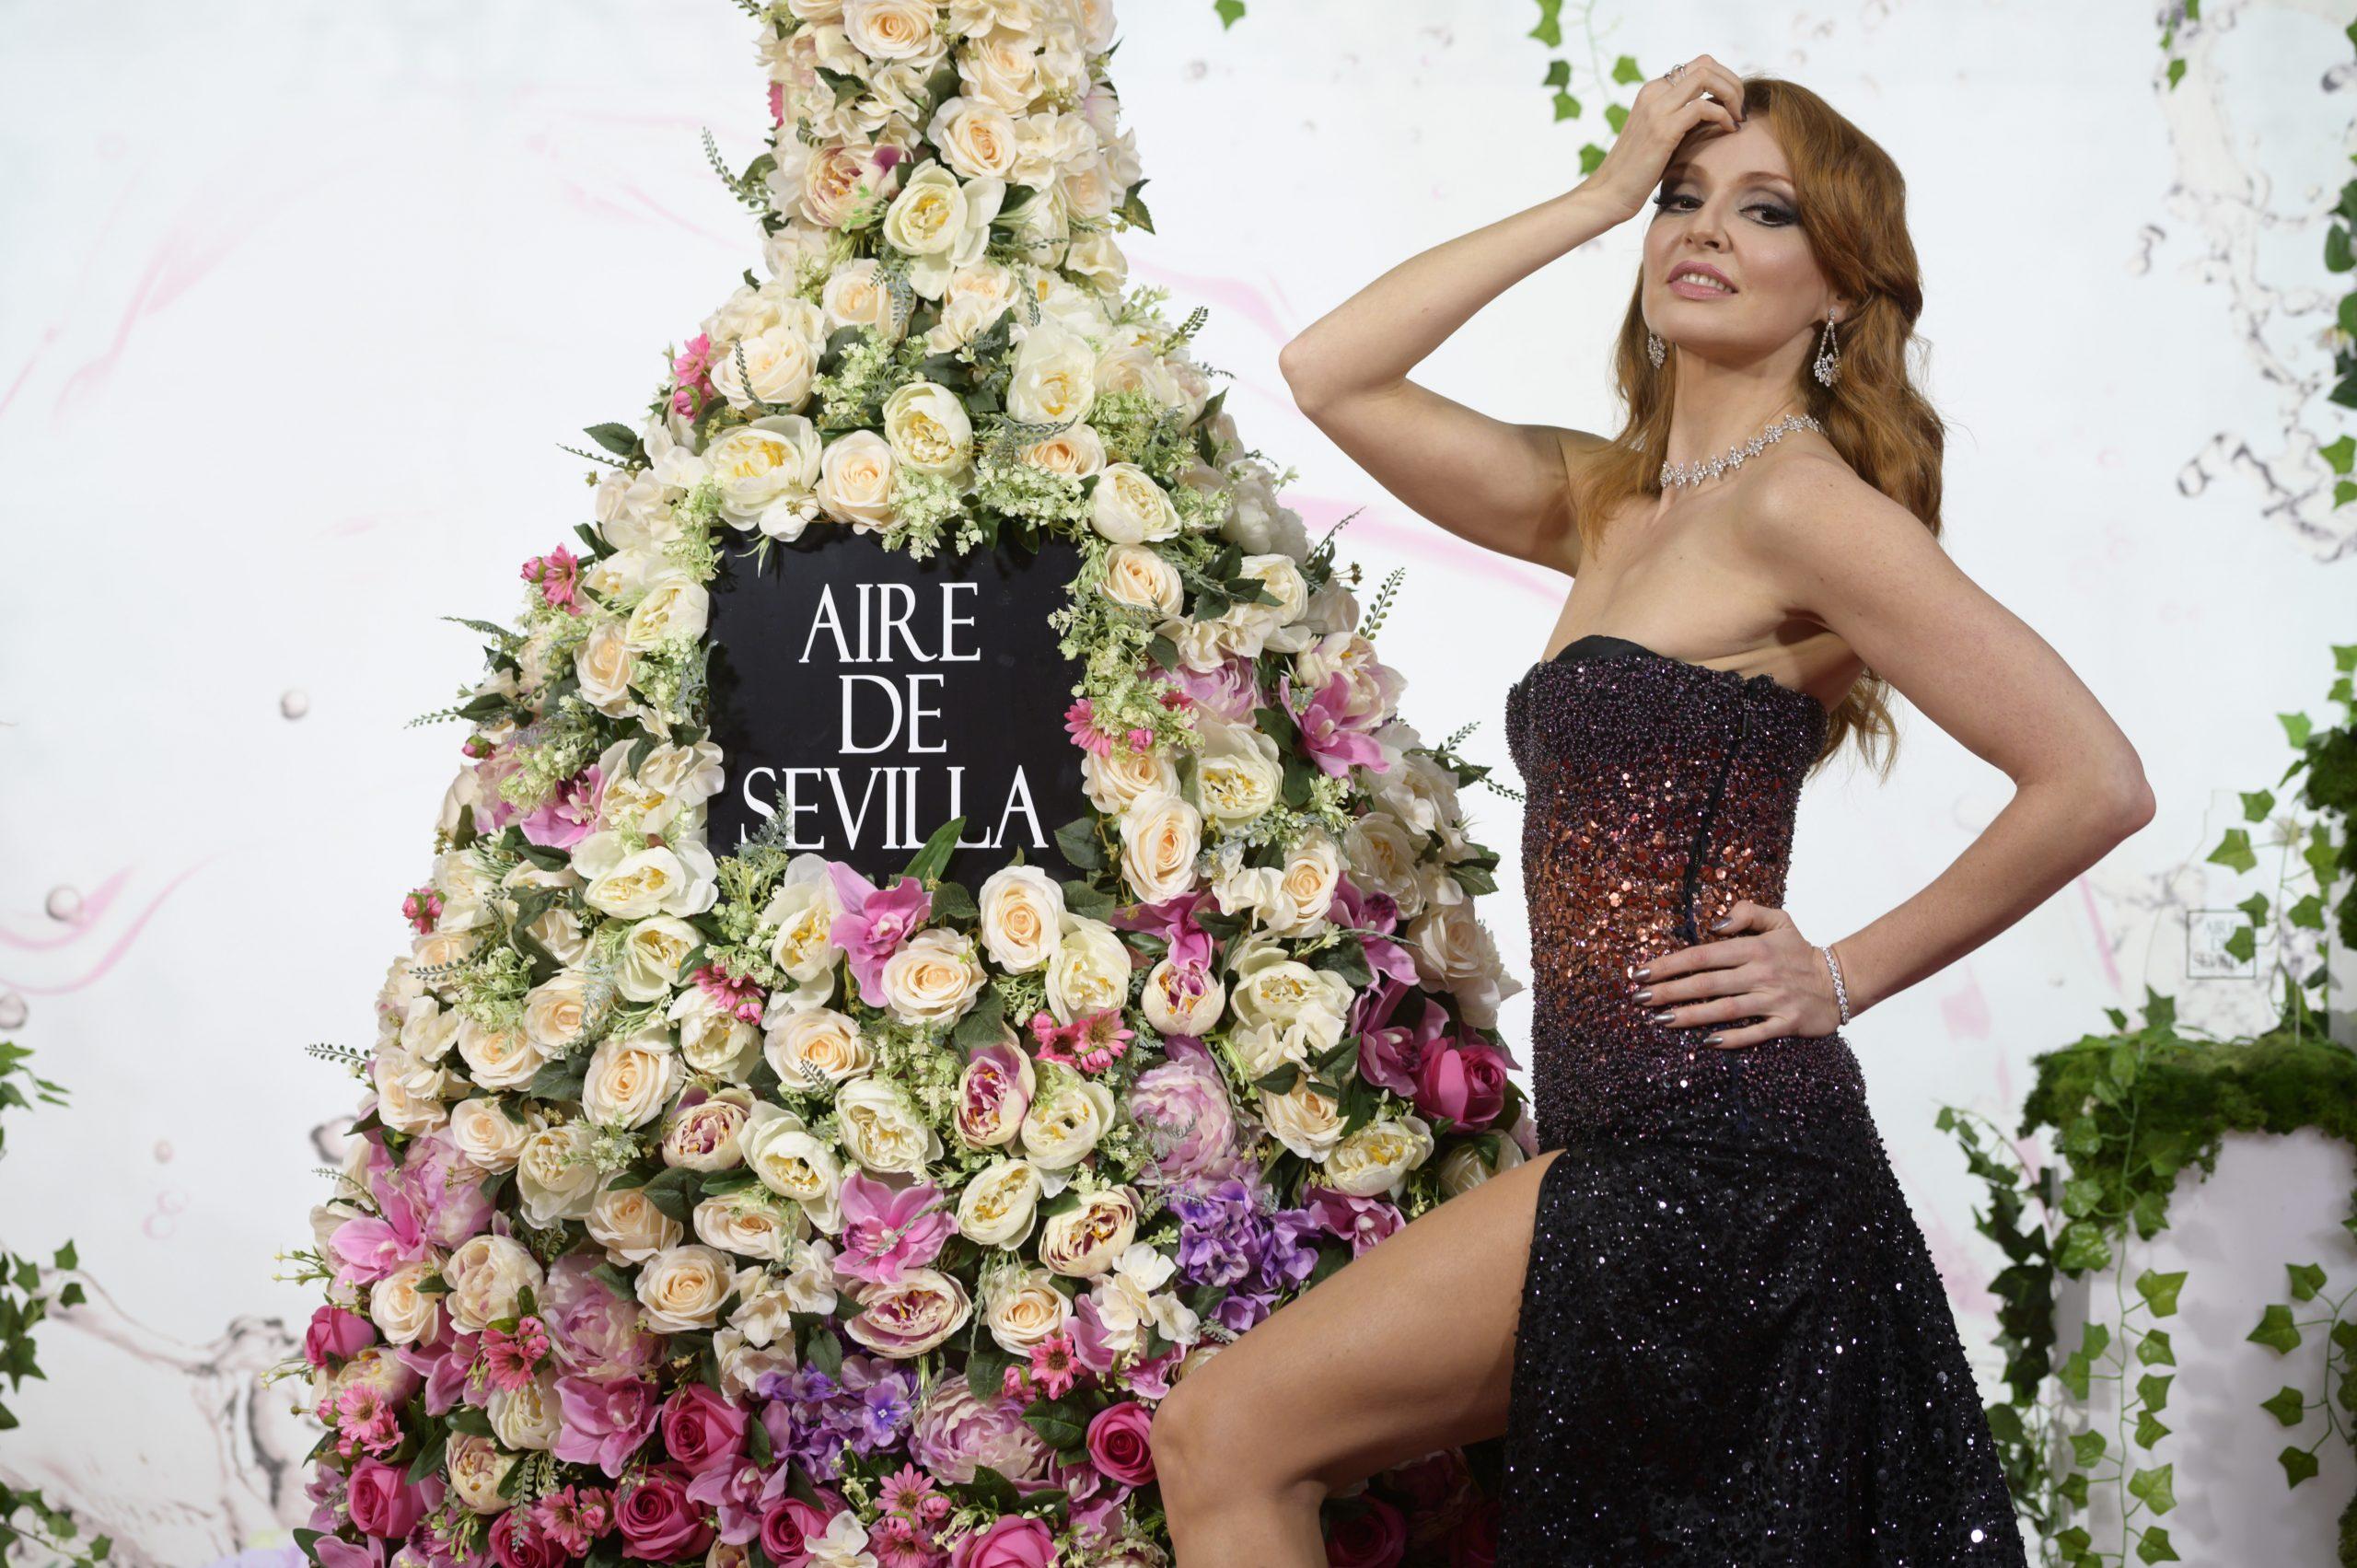 AIRE DE SEVILLA_2020_GOYA_CORTOS_1_98